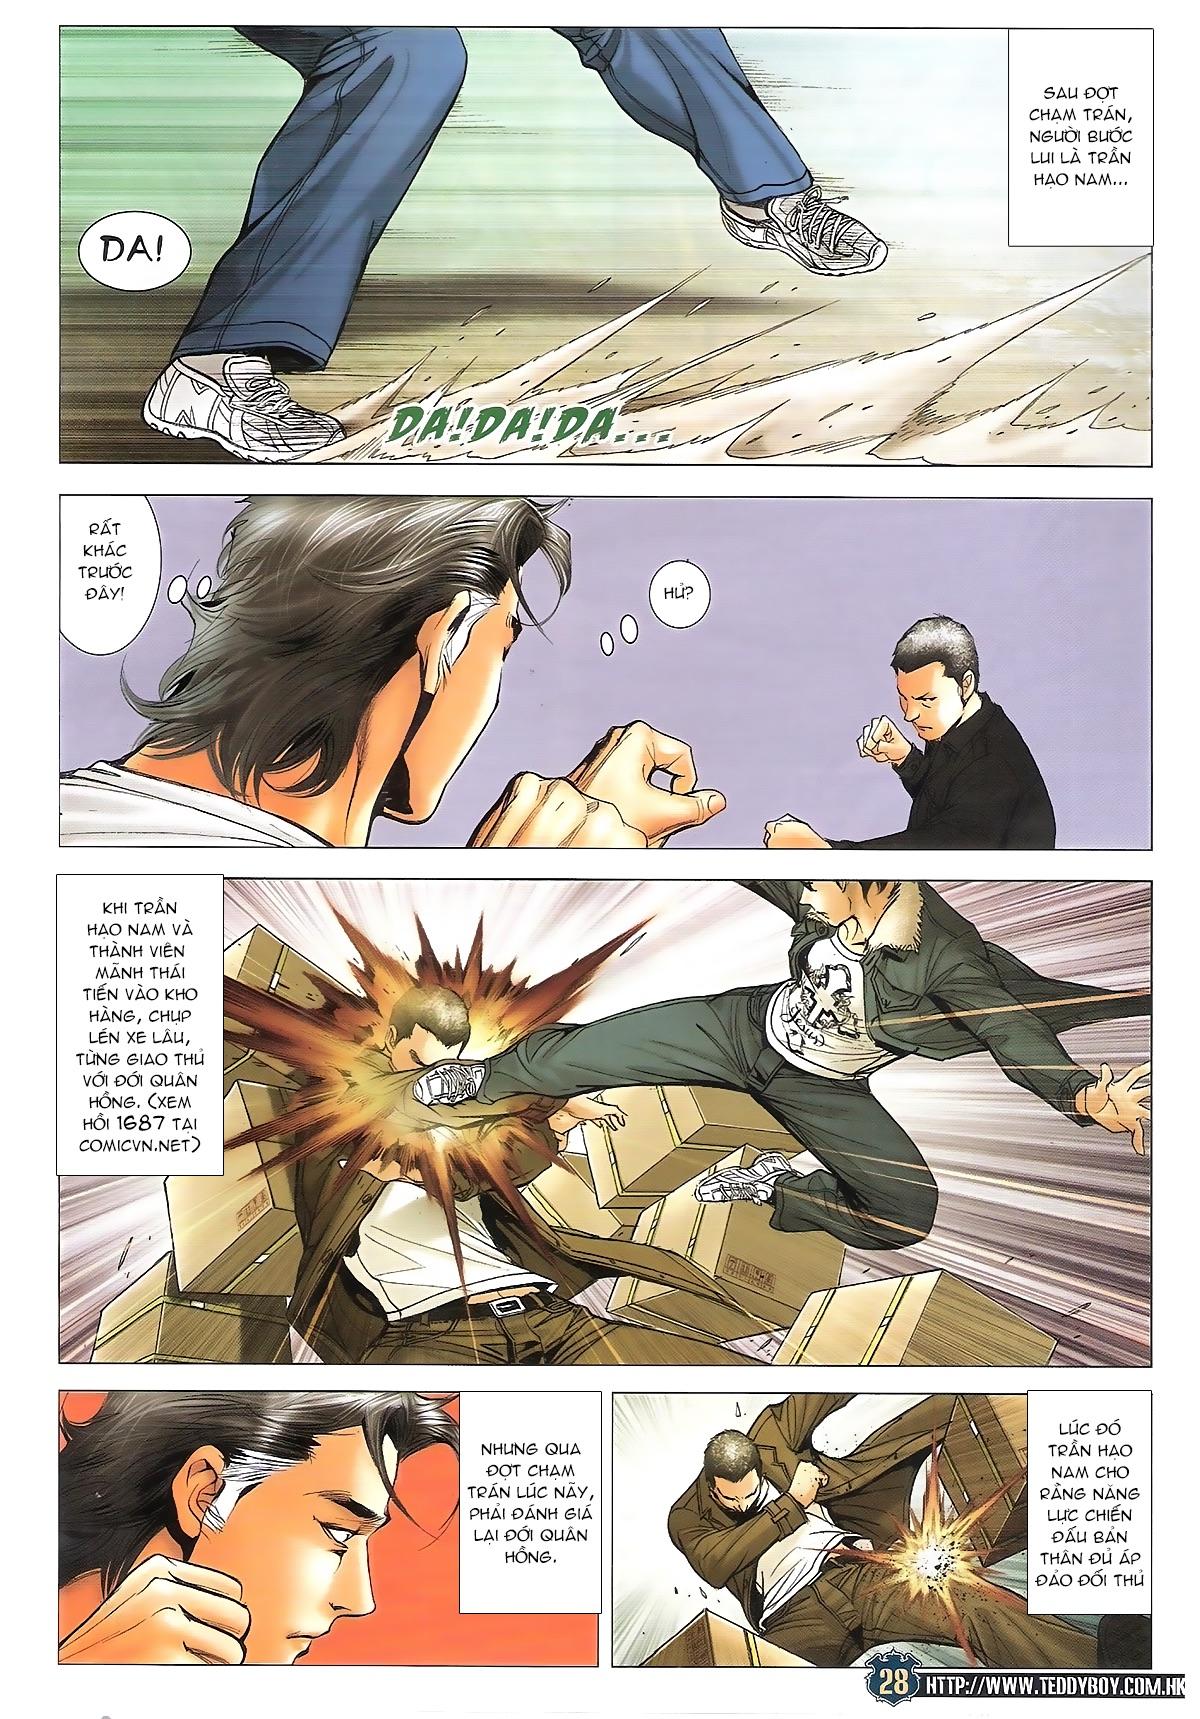 Người Trong Giang Hồ - Ngũ Hổ qui thiên - Chapter 1706: Kịch chiến - Pic 26